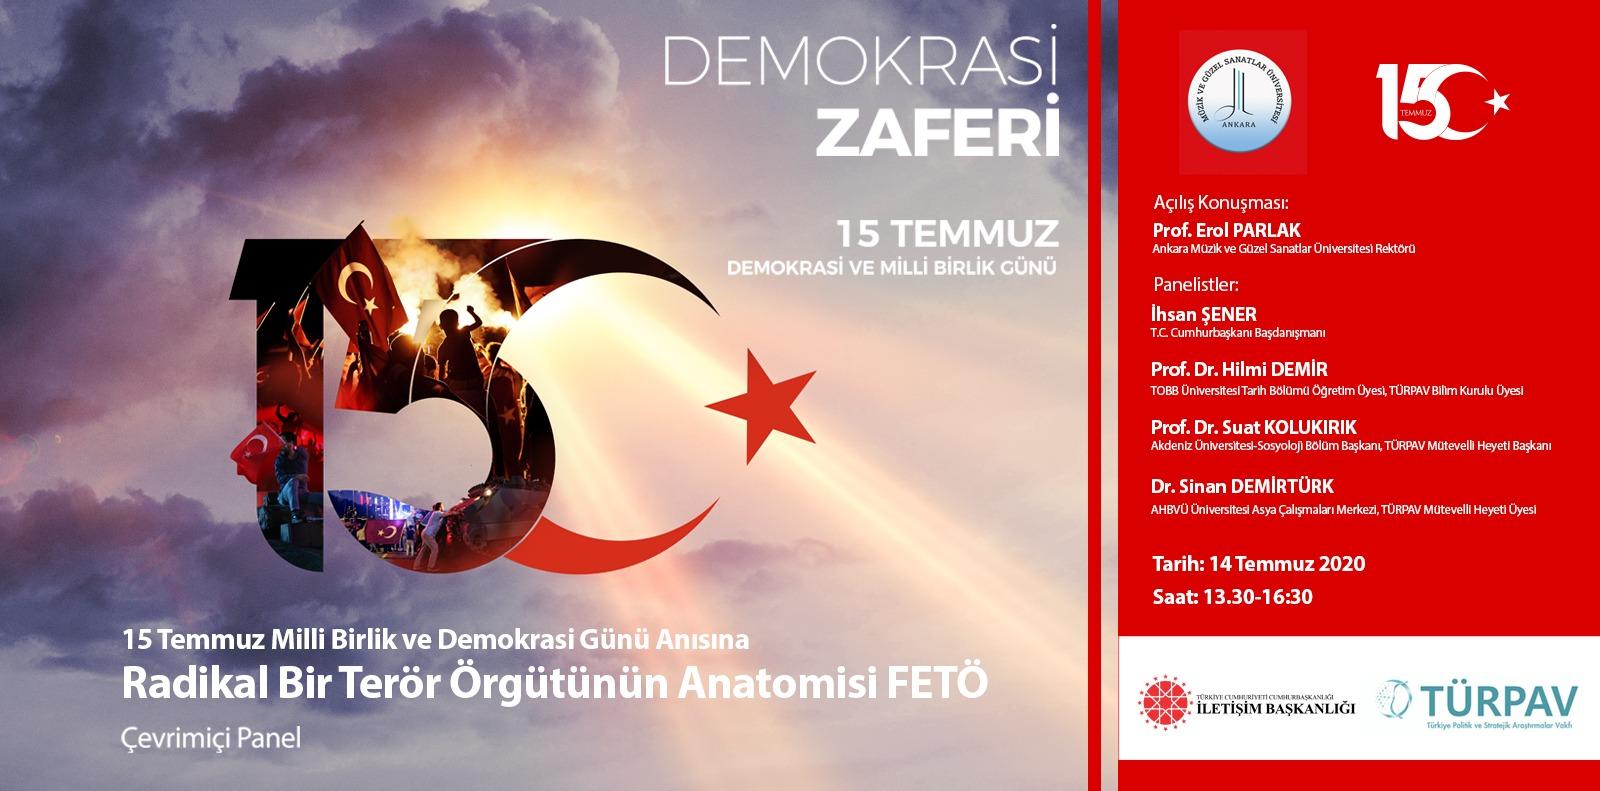 15 Temmuz Demokrasi ve Milli Birlik Günü Slide